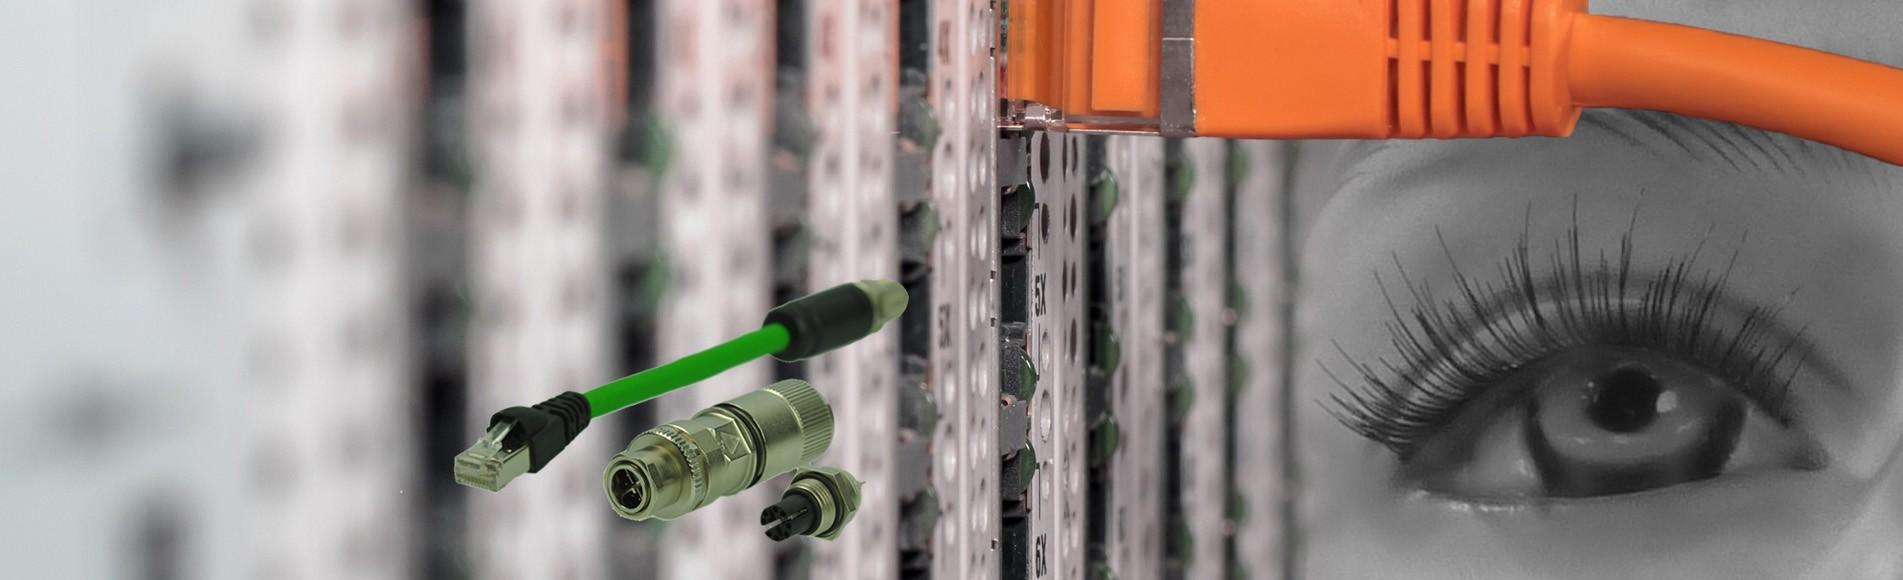 Telegartner Karl Gartner GmbH